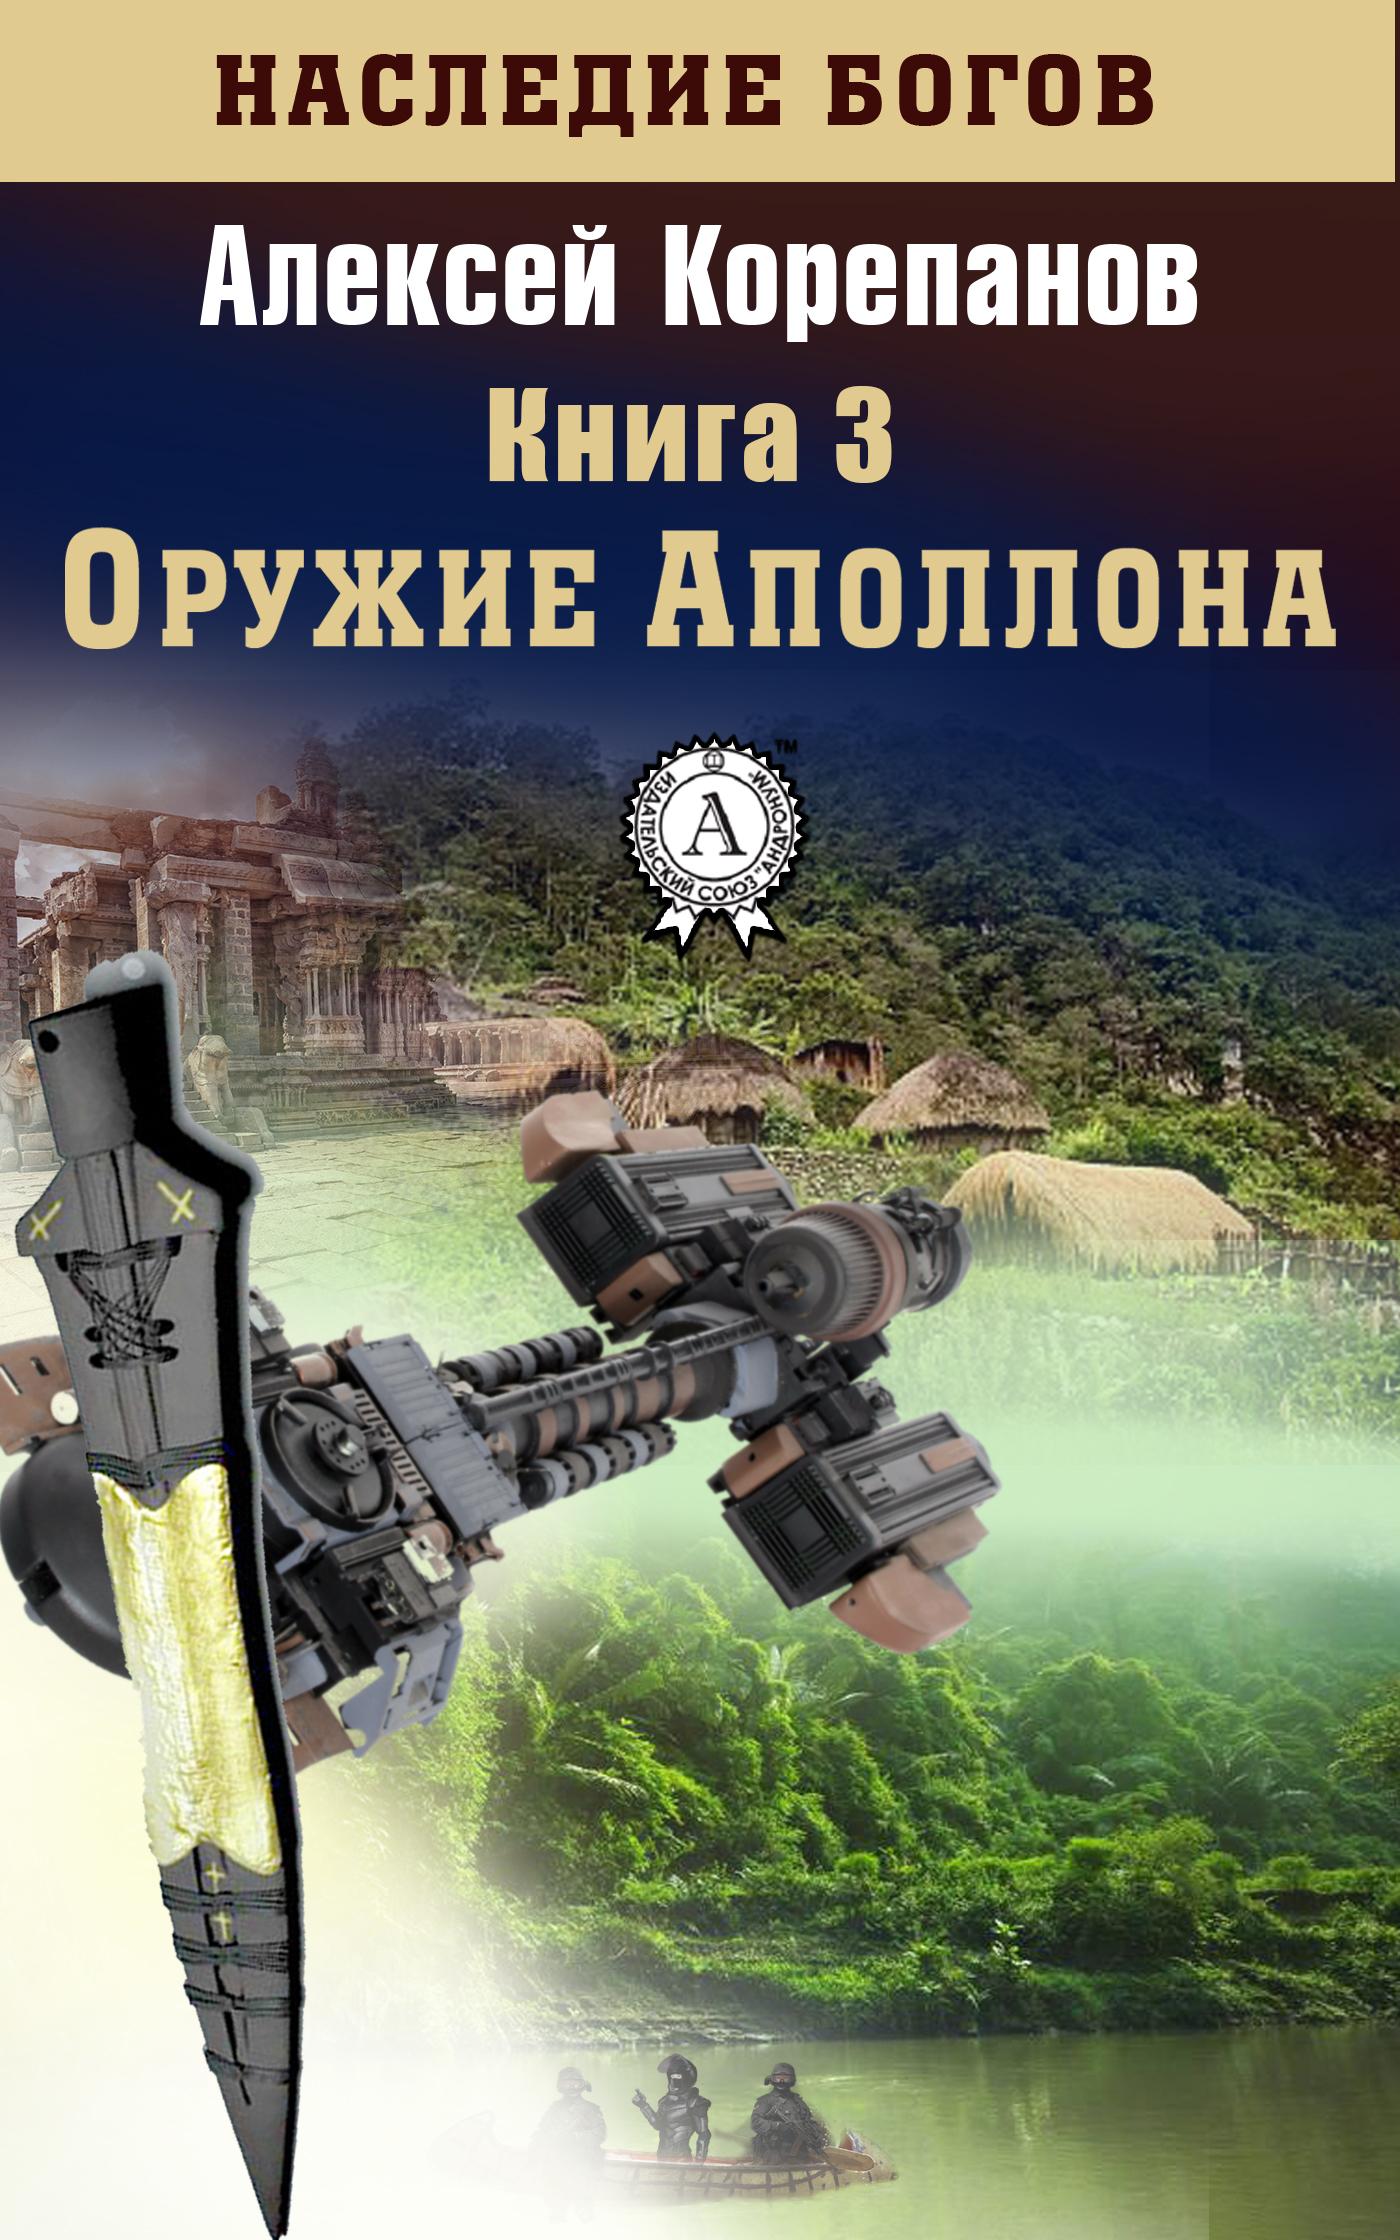 захватывающий сюжет в книге Алексей Корепанов